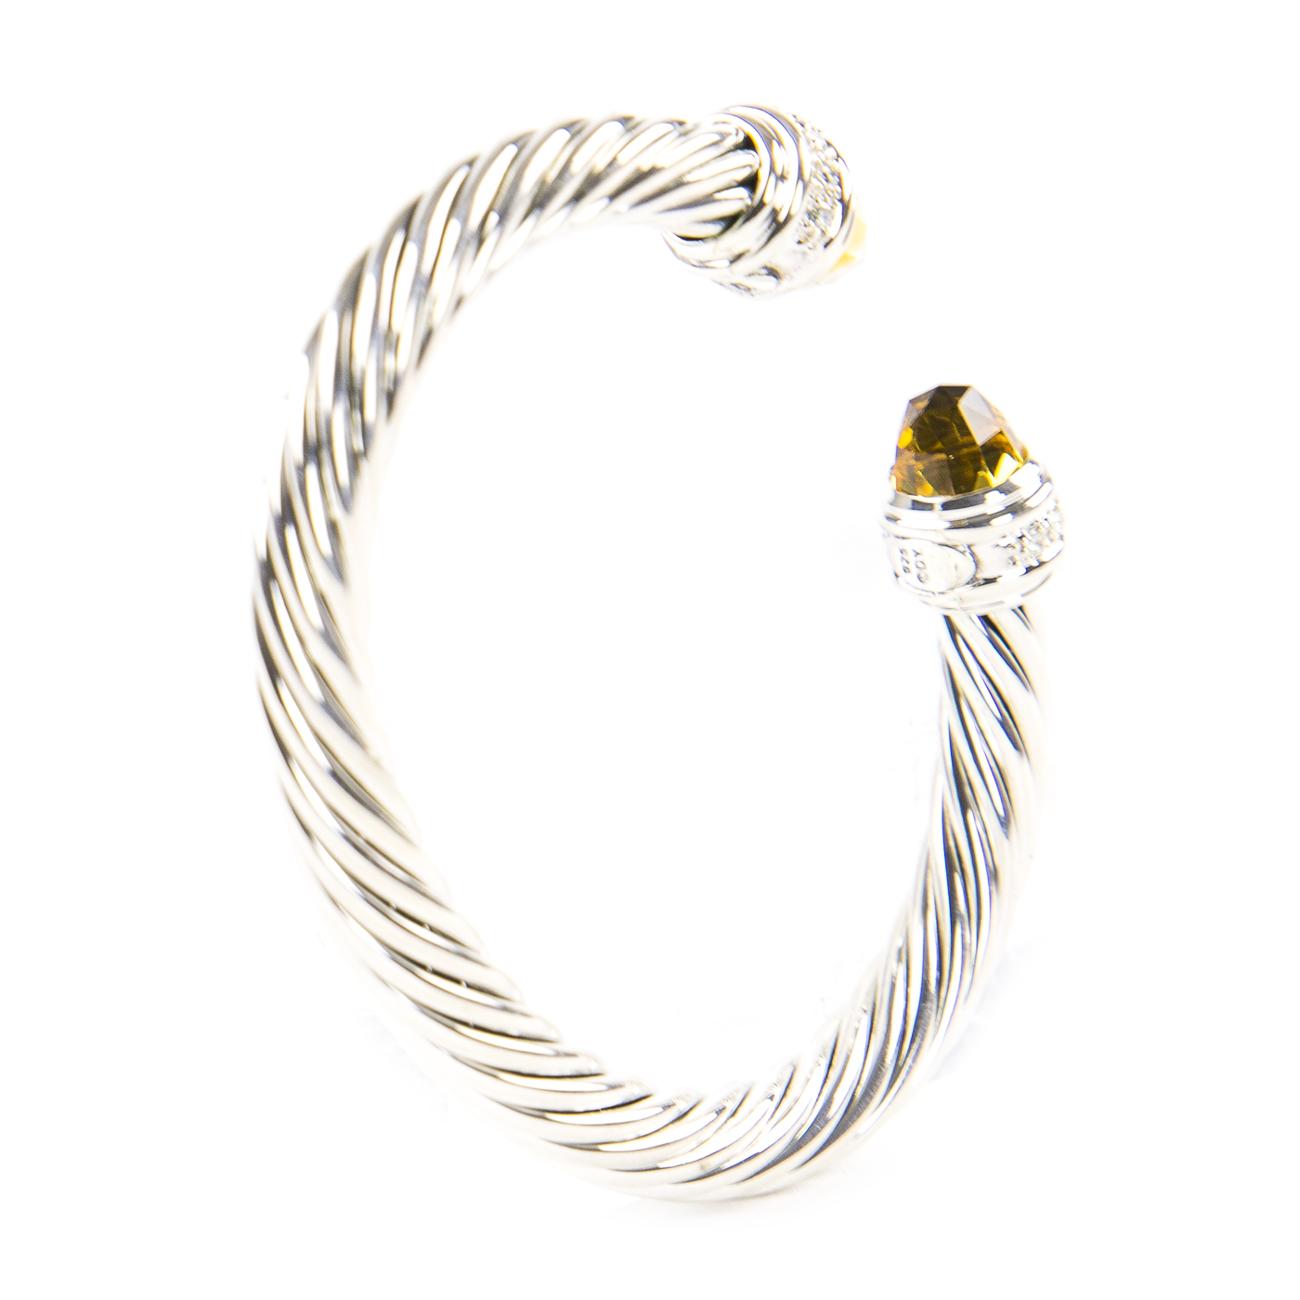 CITRINE Bracelet D597 MADEIRA-CITRIN Edelstein-Armband